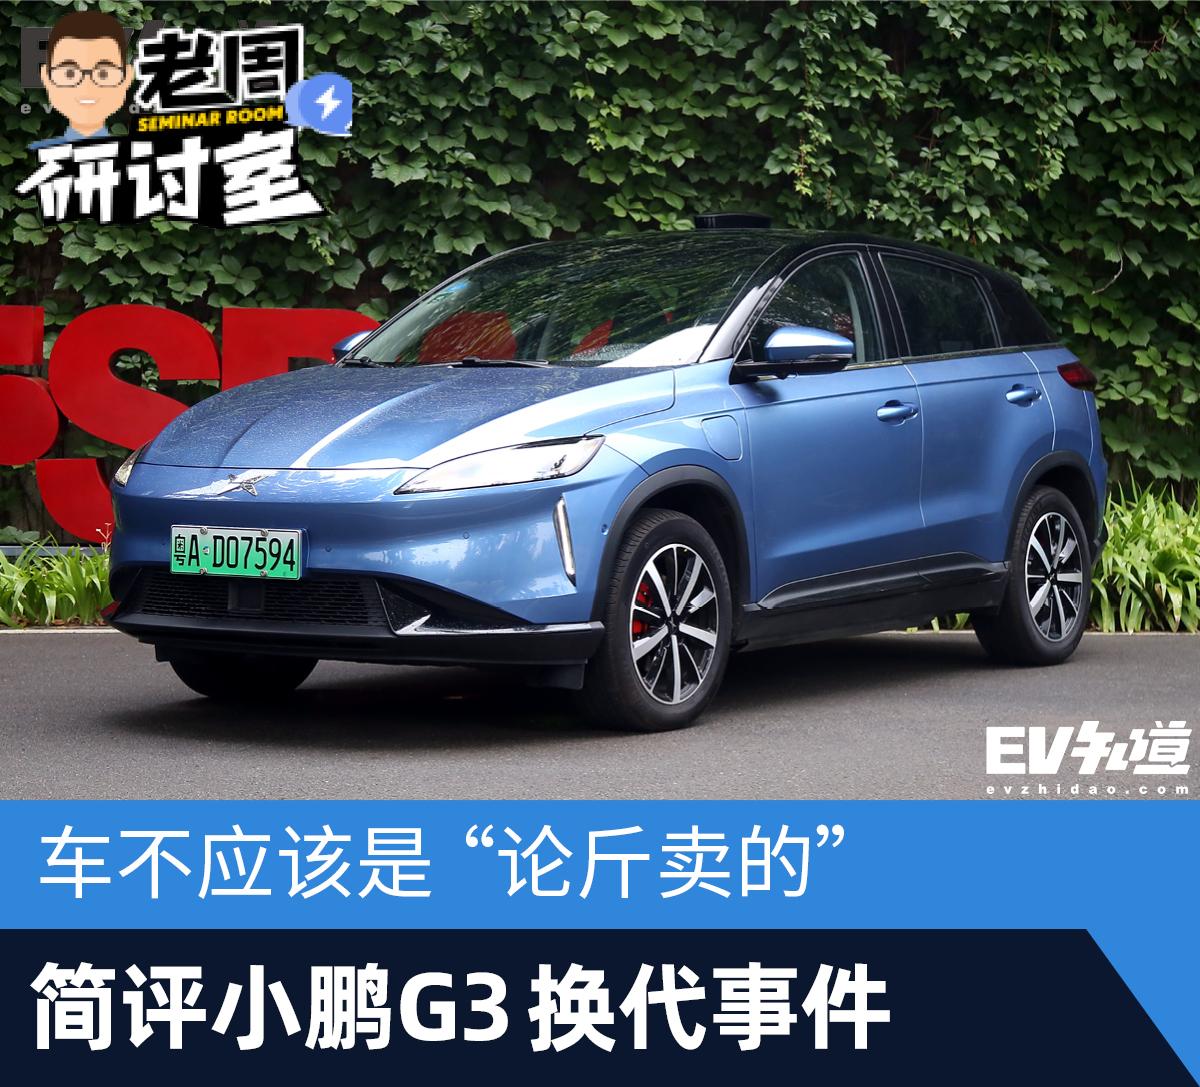 """车不应该是""""论斤卖的"""" 简评小鹏G3换代事件"""